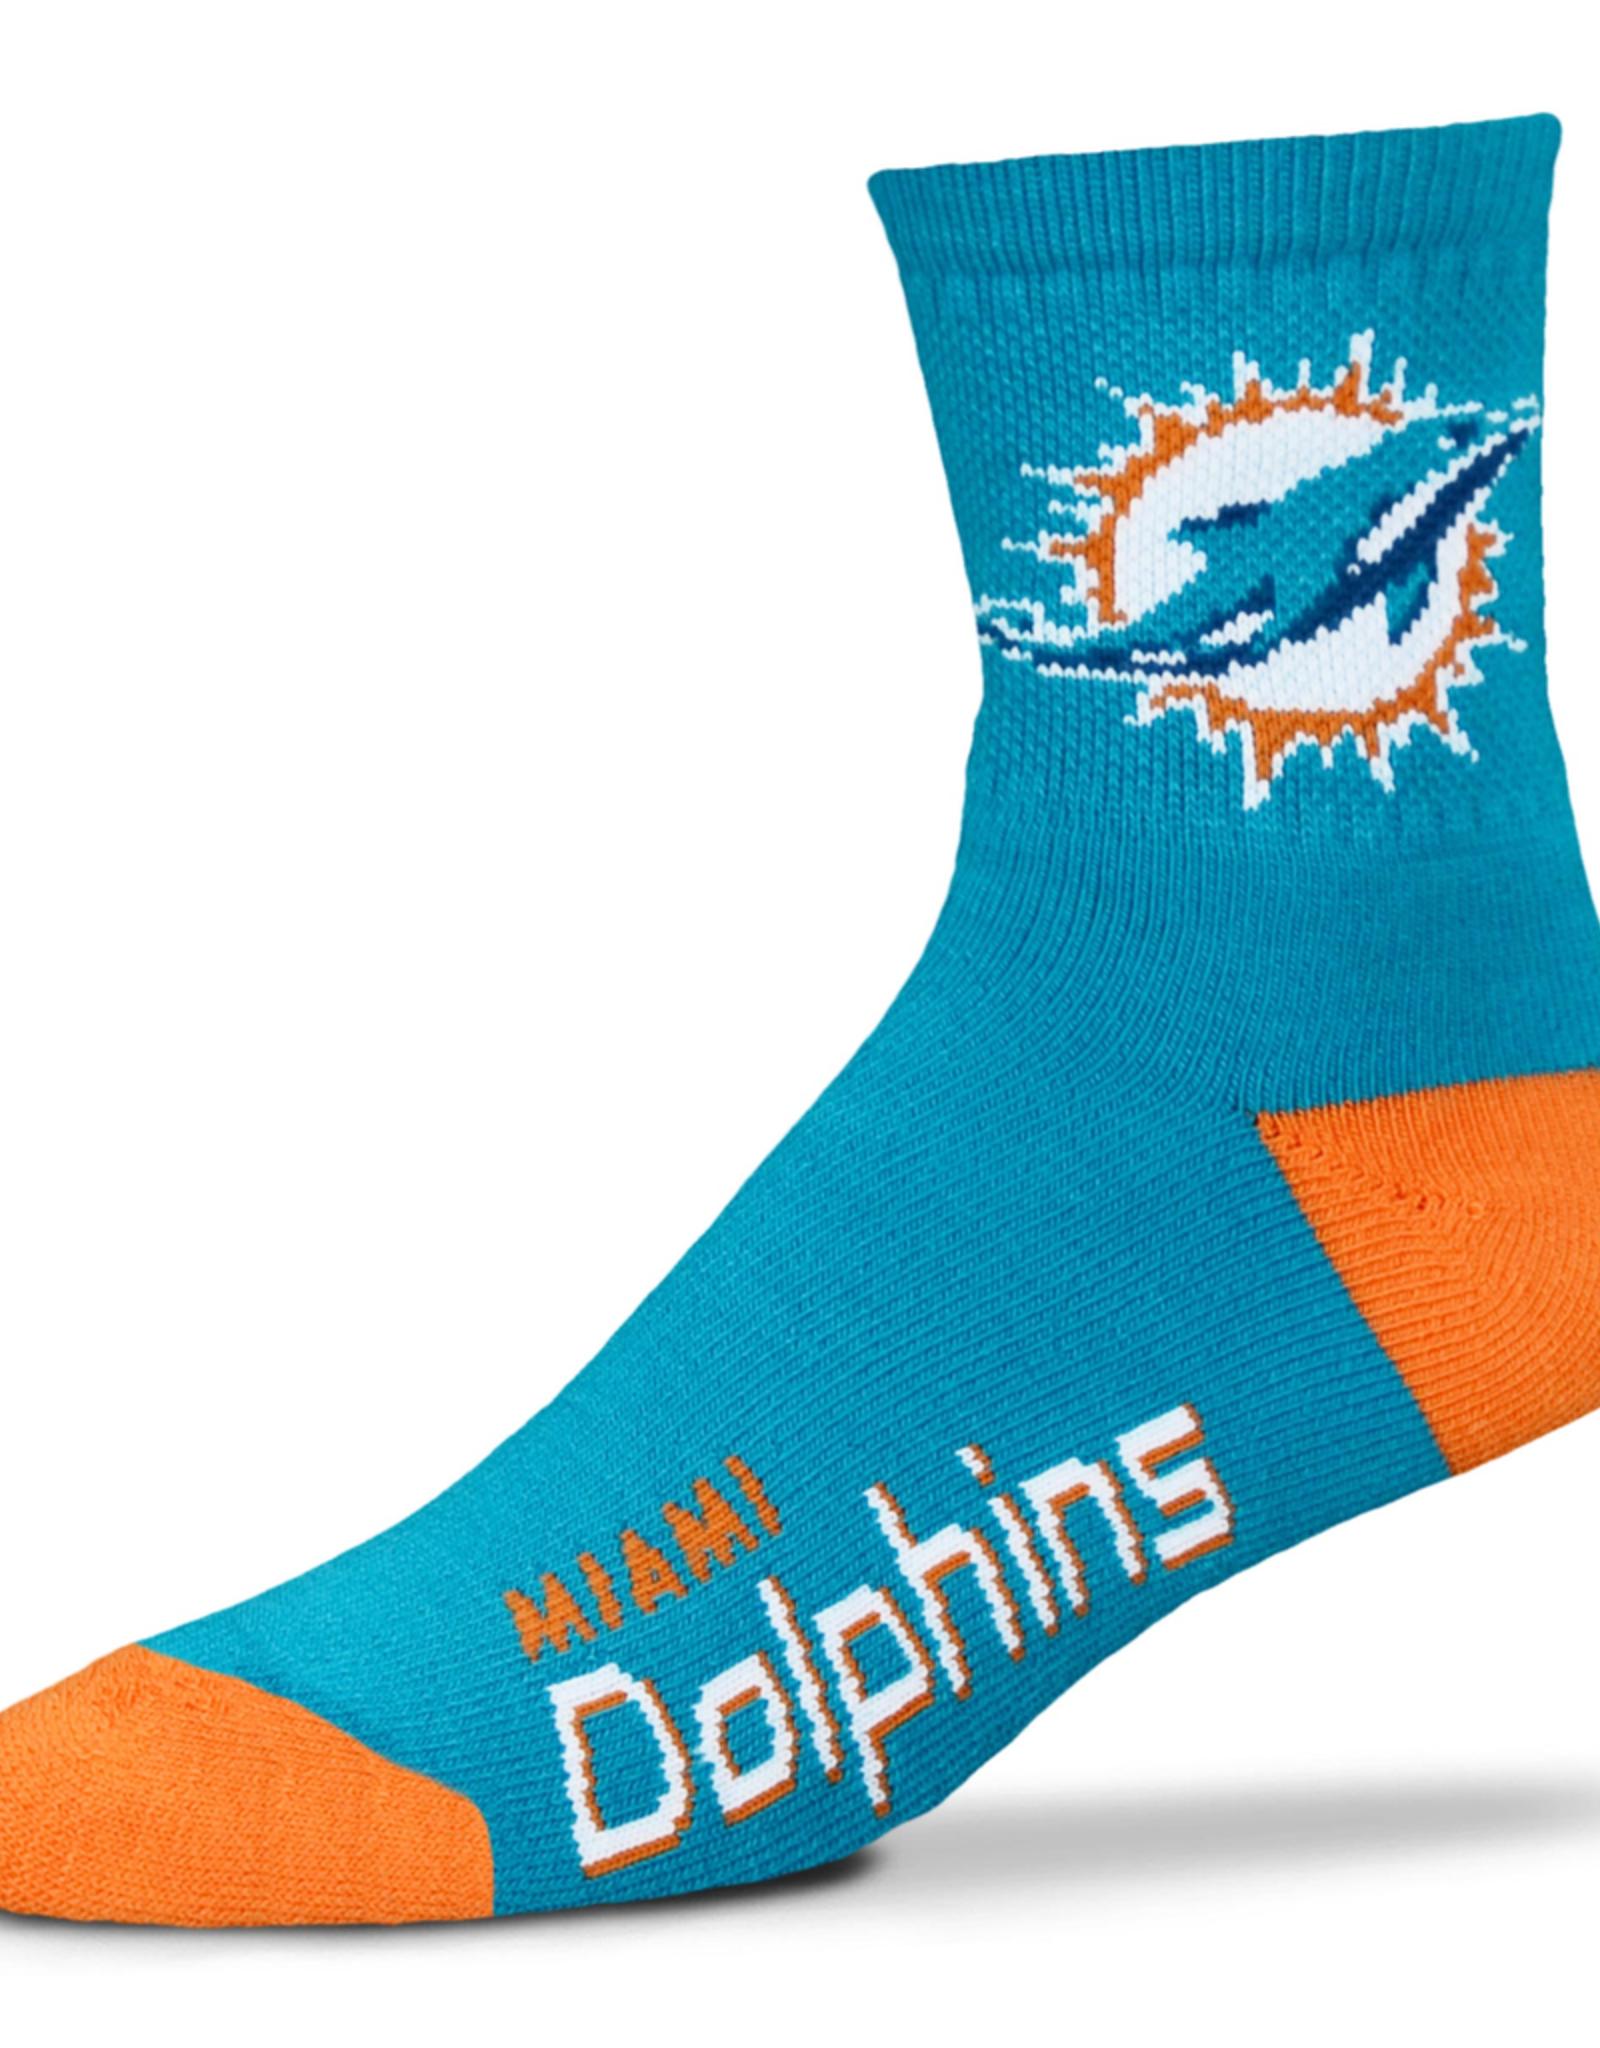 FOR BARE FEET Miami Dolphins Men's Team Socks